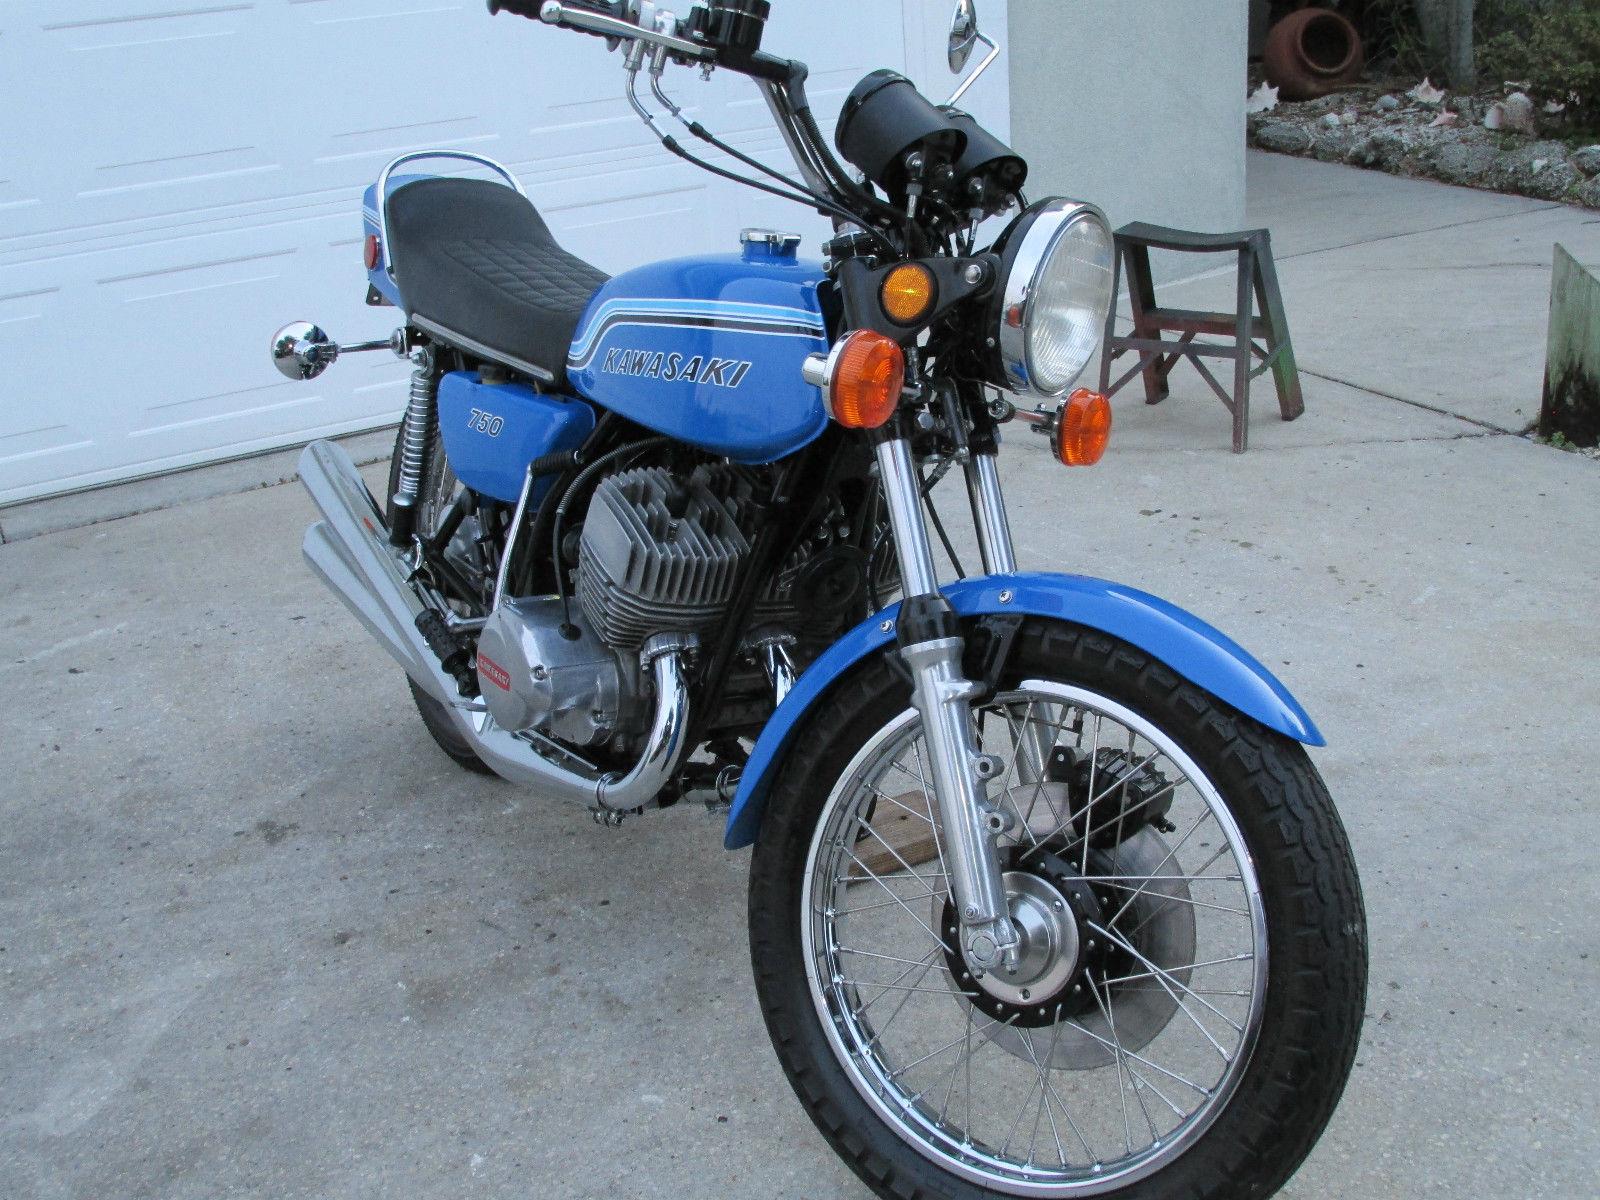 Kawasaki H2 - 1972 - Front Wheel, Forks and Fender.